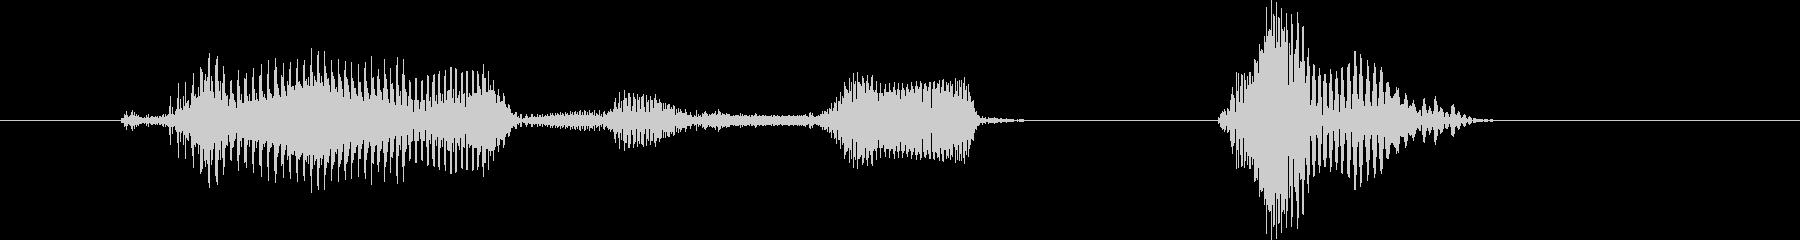 ゲームセット(男の子)の未再生の波形